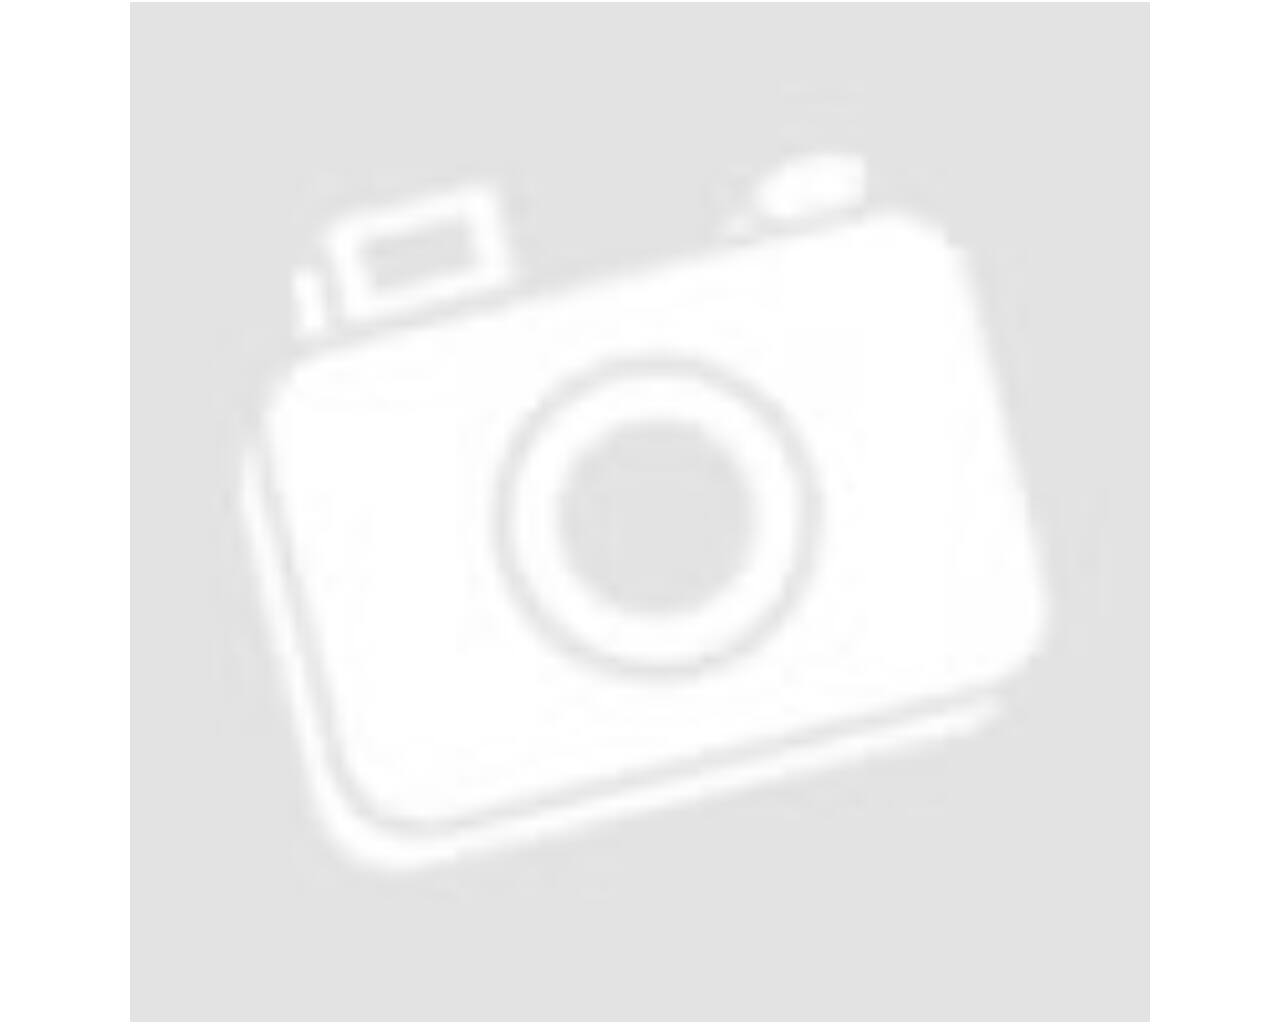 Gipszkarton Impregnált 12.5x600x2000mm